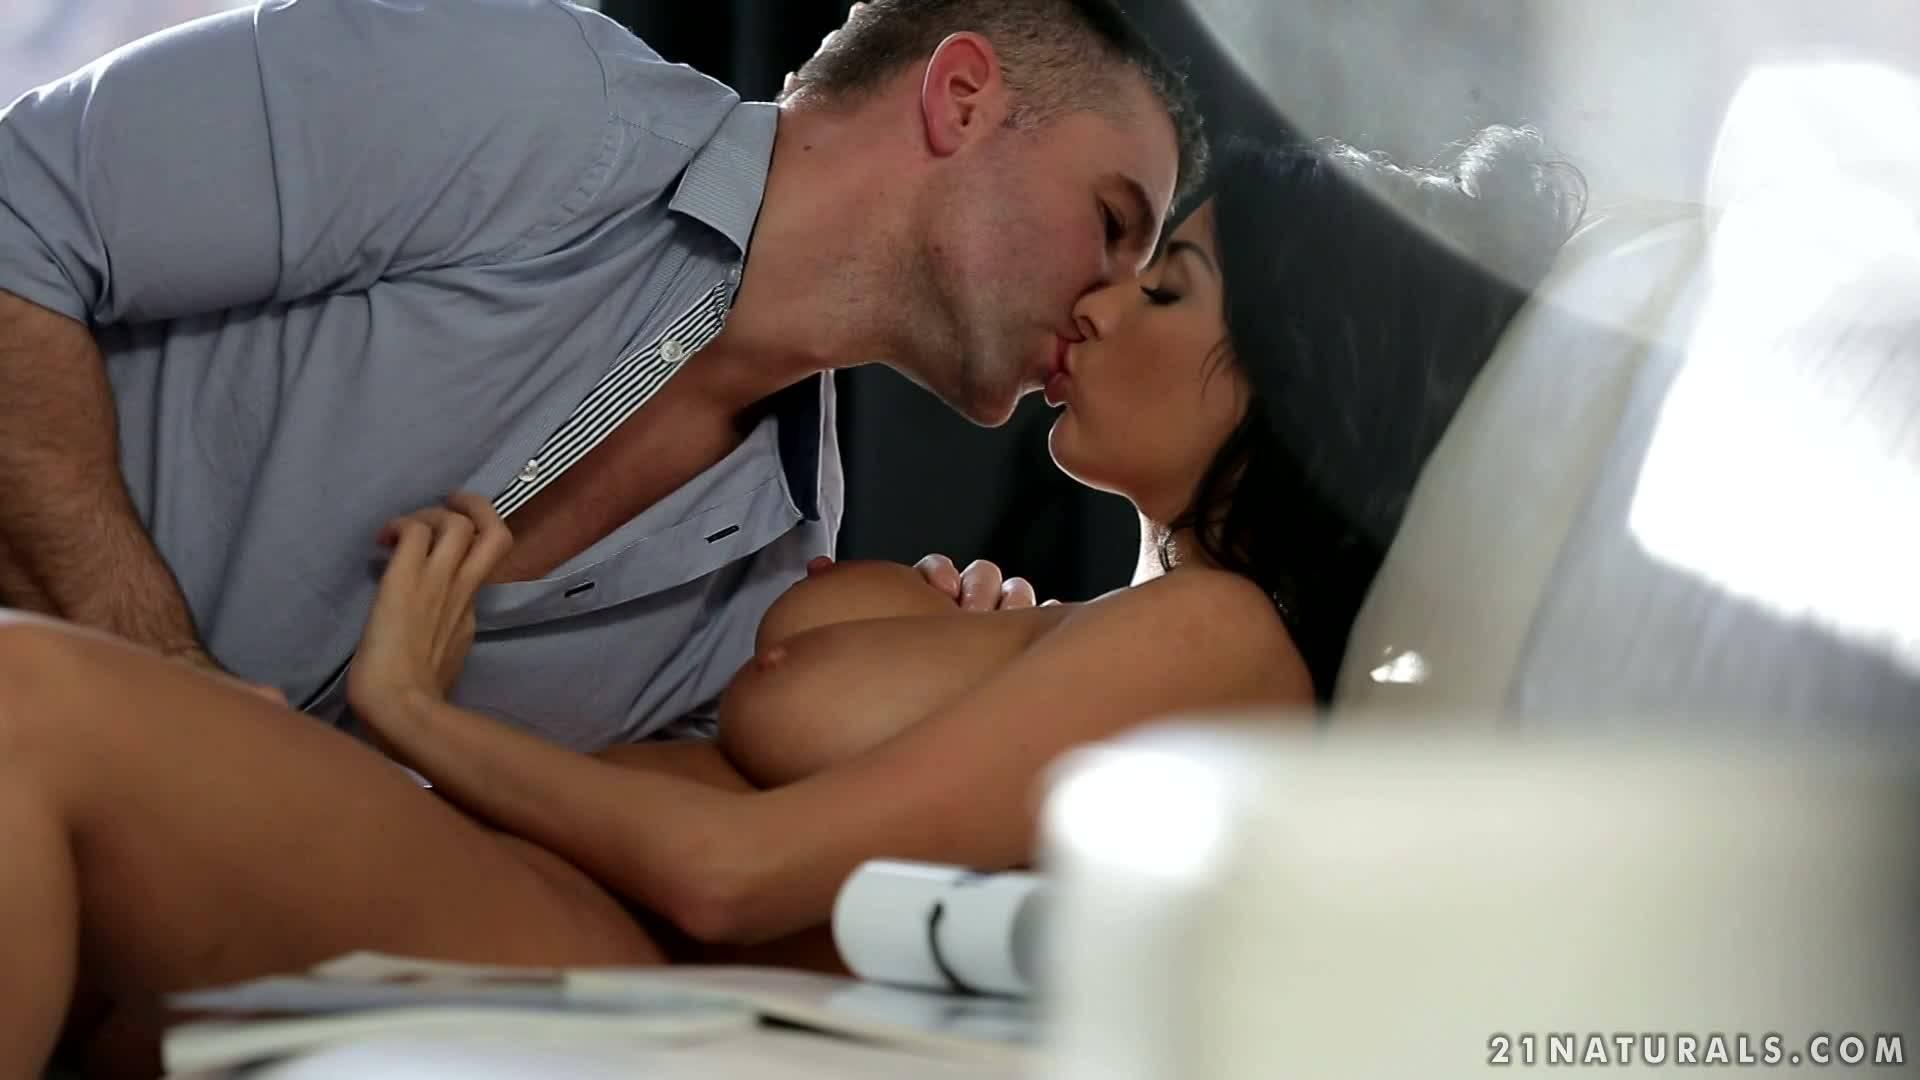 Анисса Кейт удовлетворила мужика и насладилась спермой